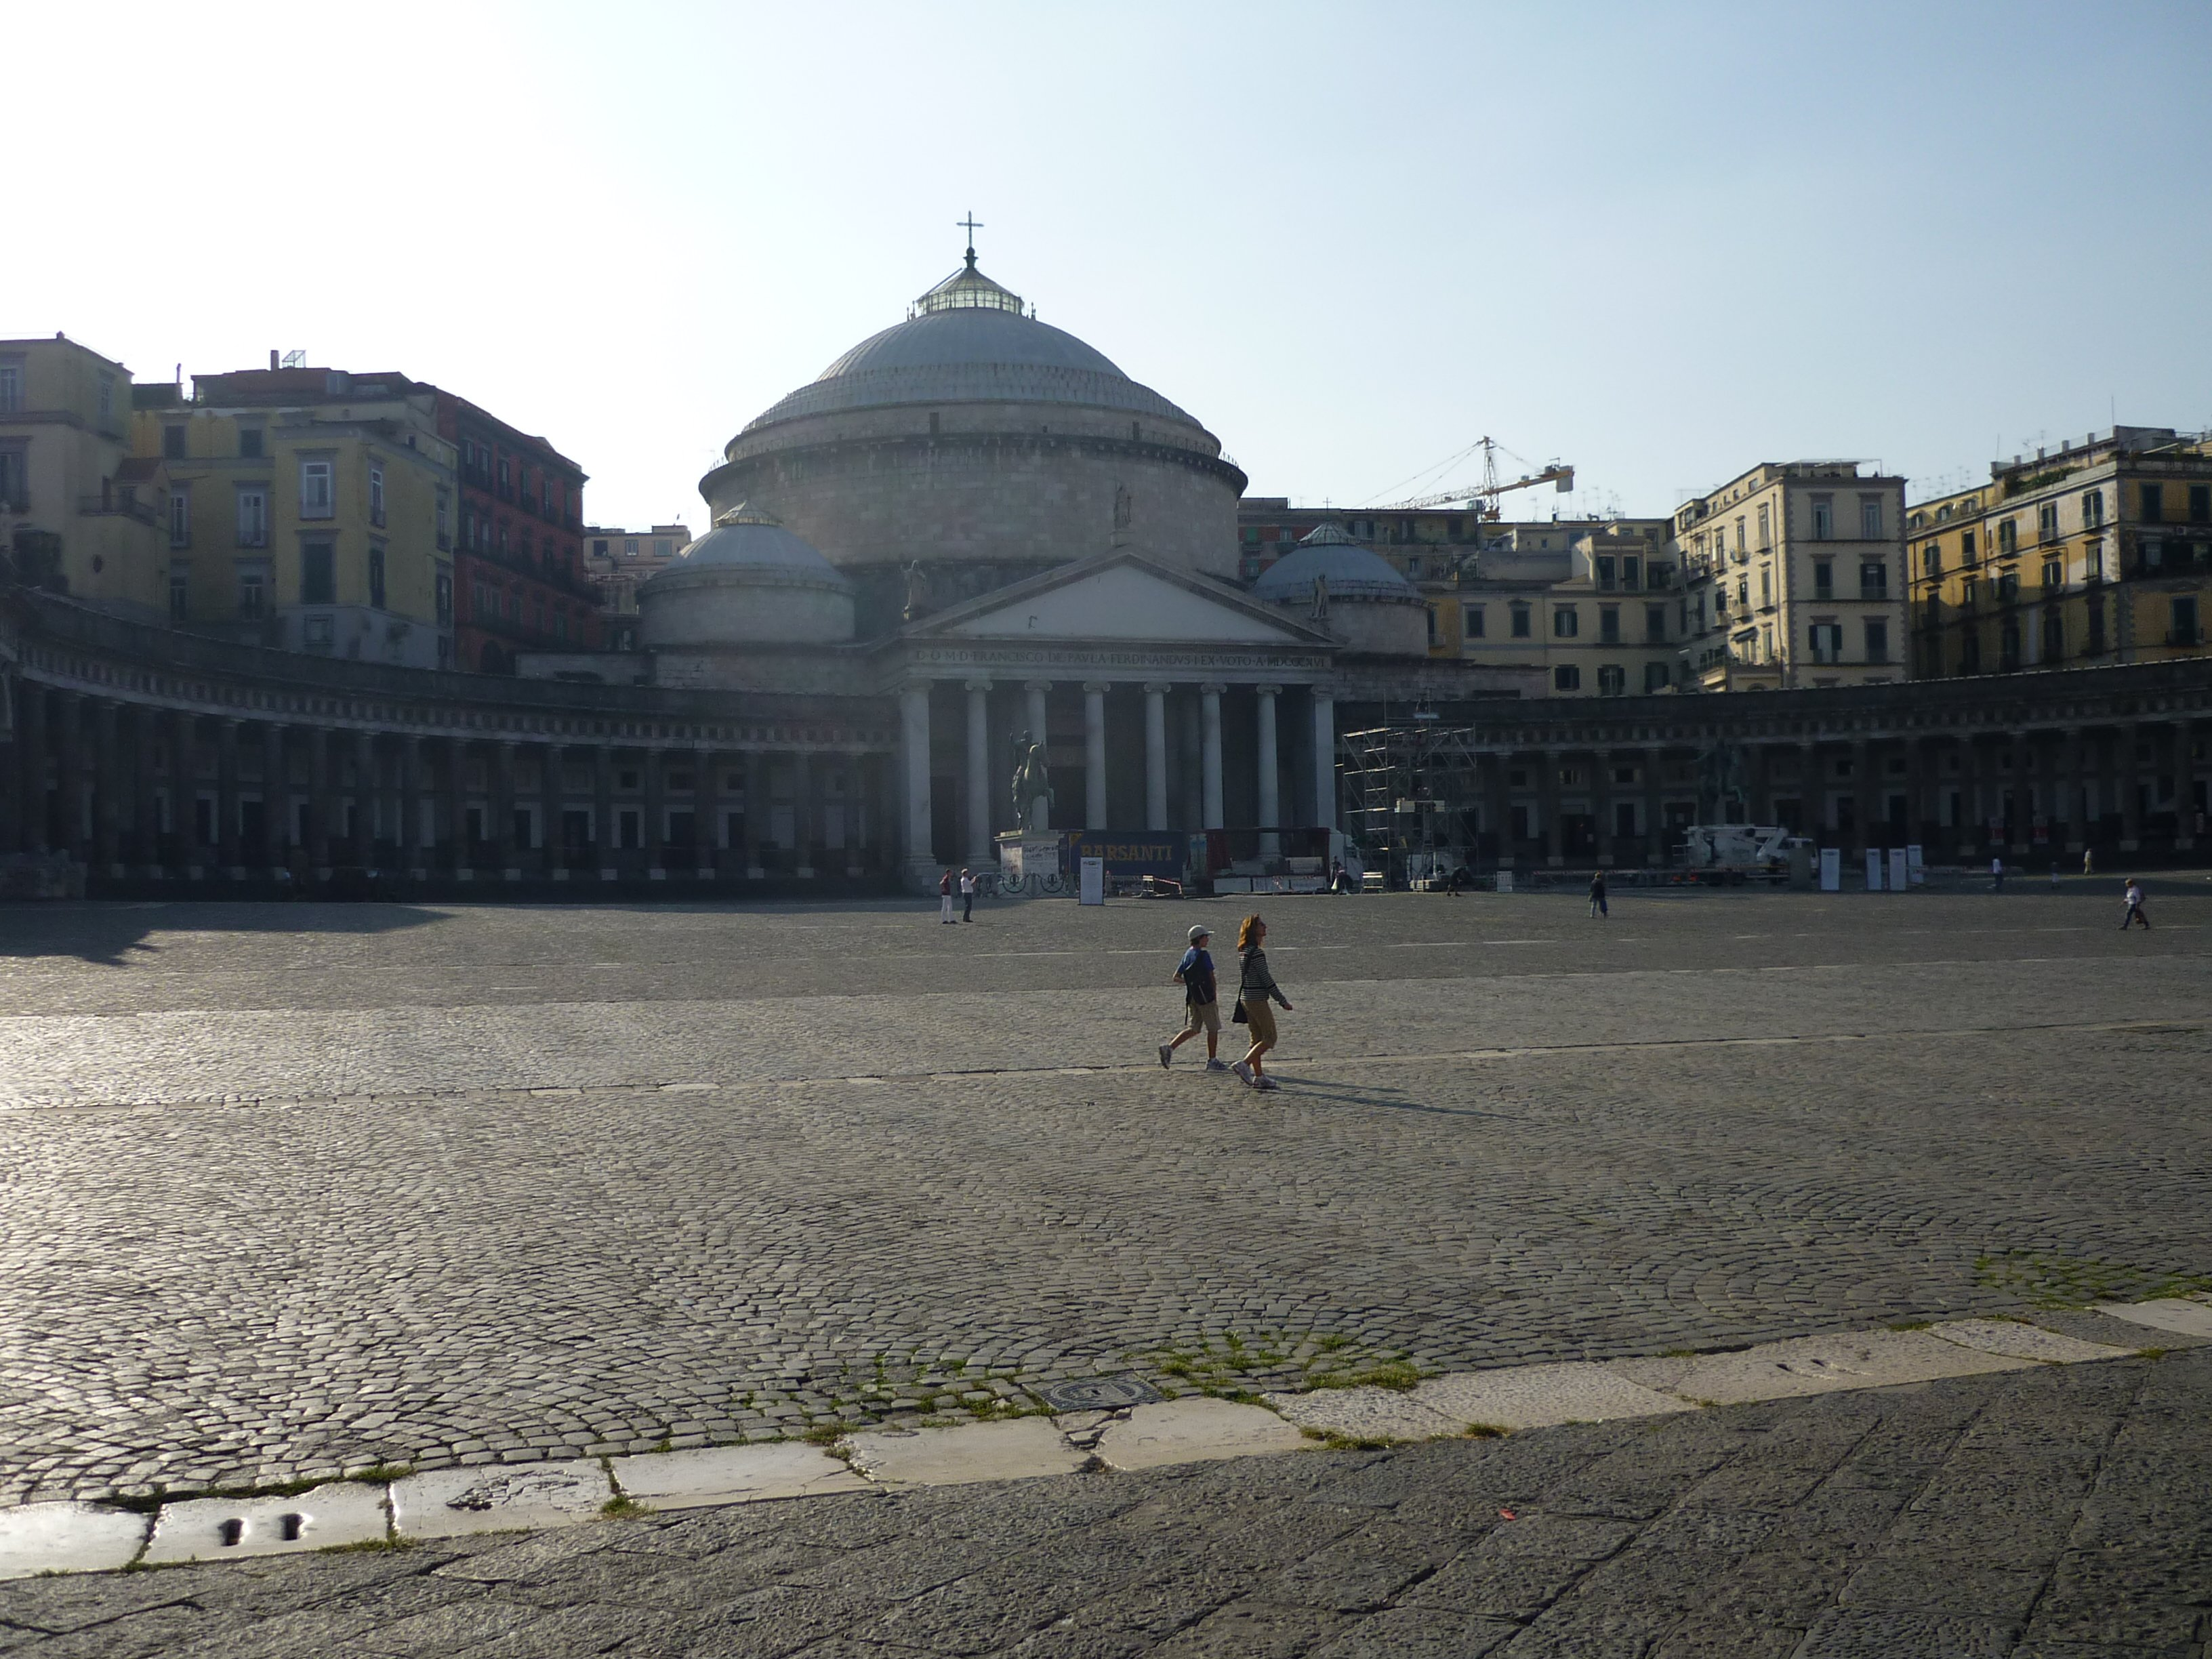 Piazza Plebiscito